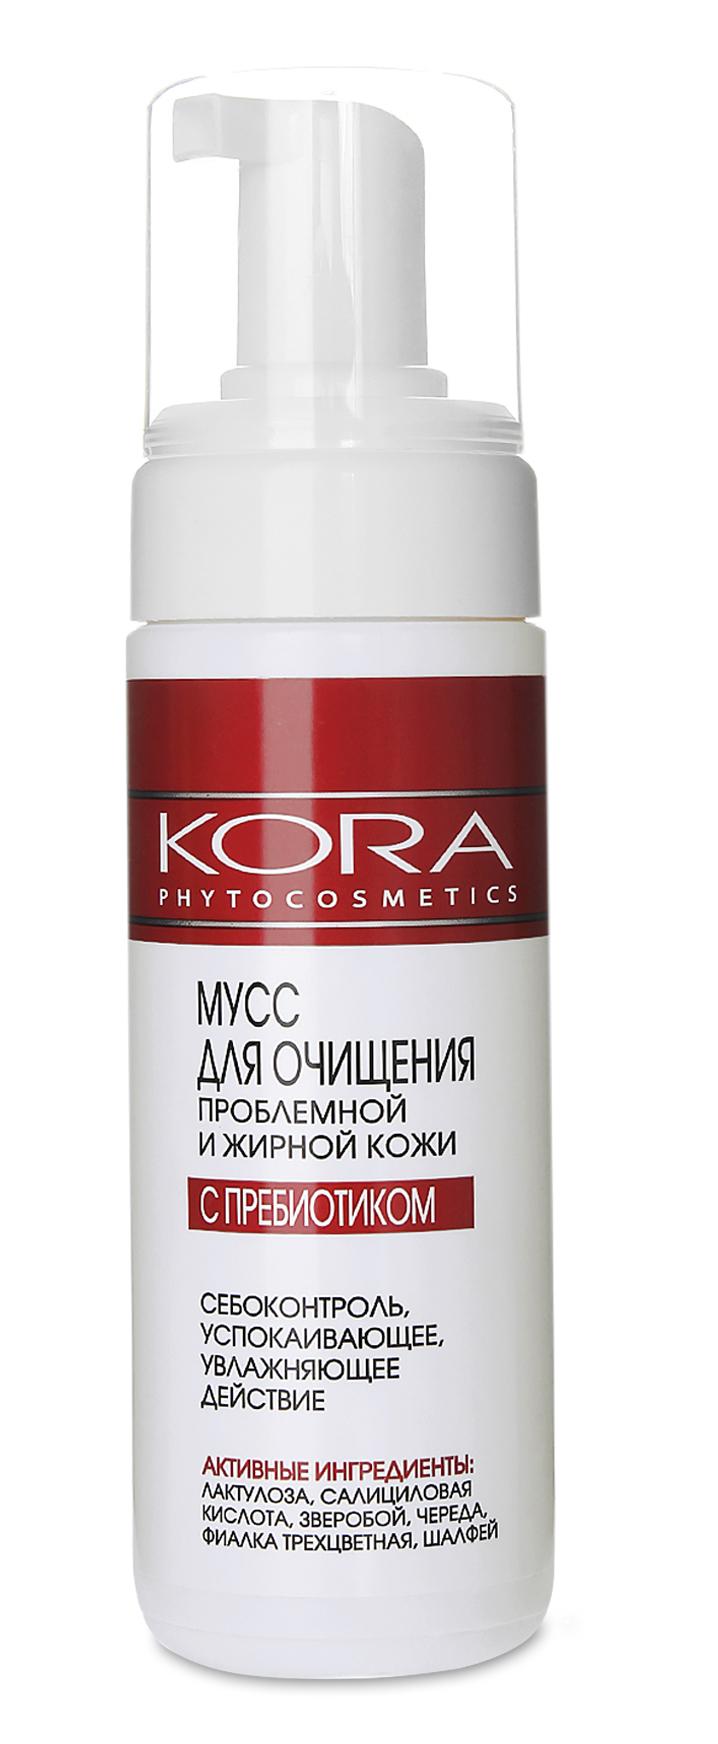 КОРА Мусс для очищения проблемной и жирной кожи с пребиотиком 160мл